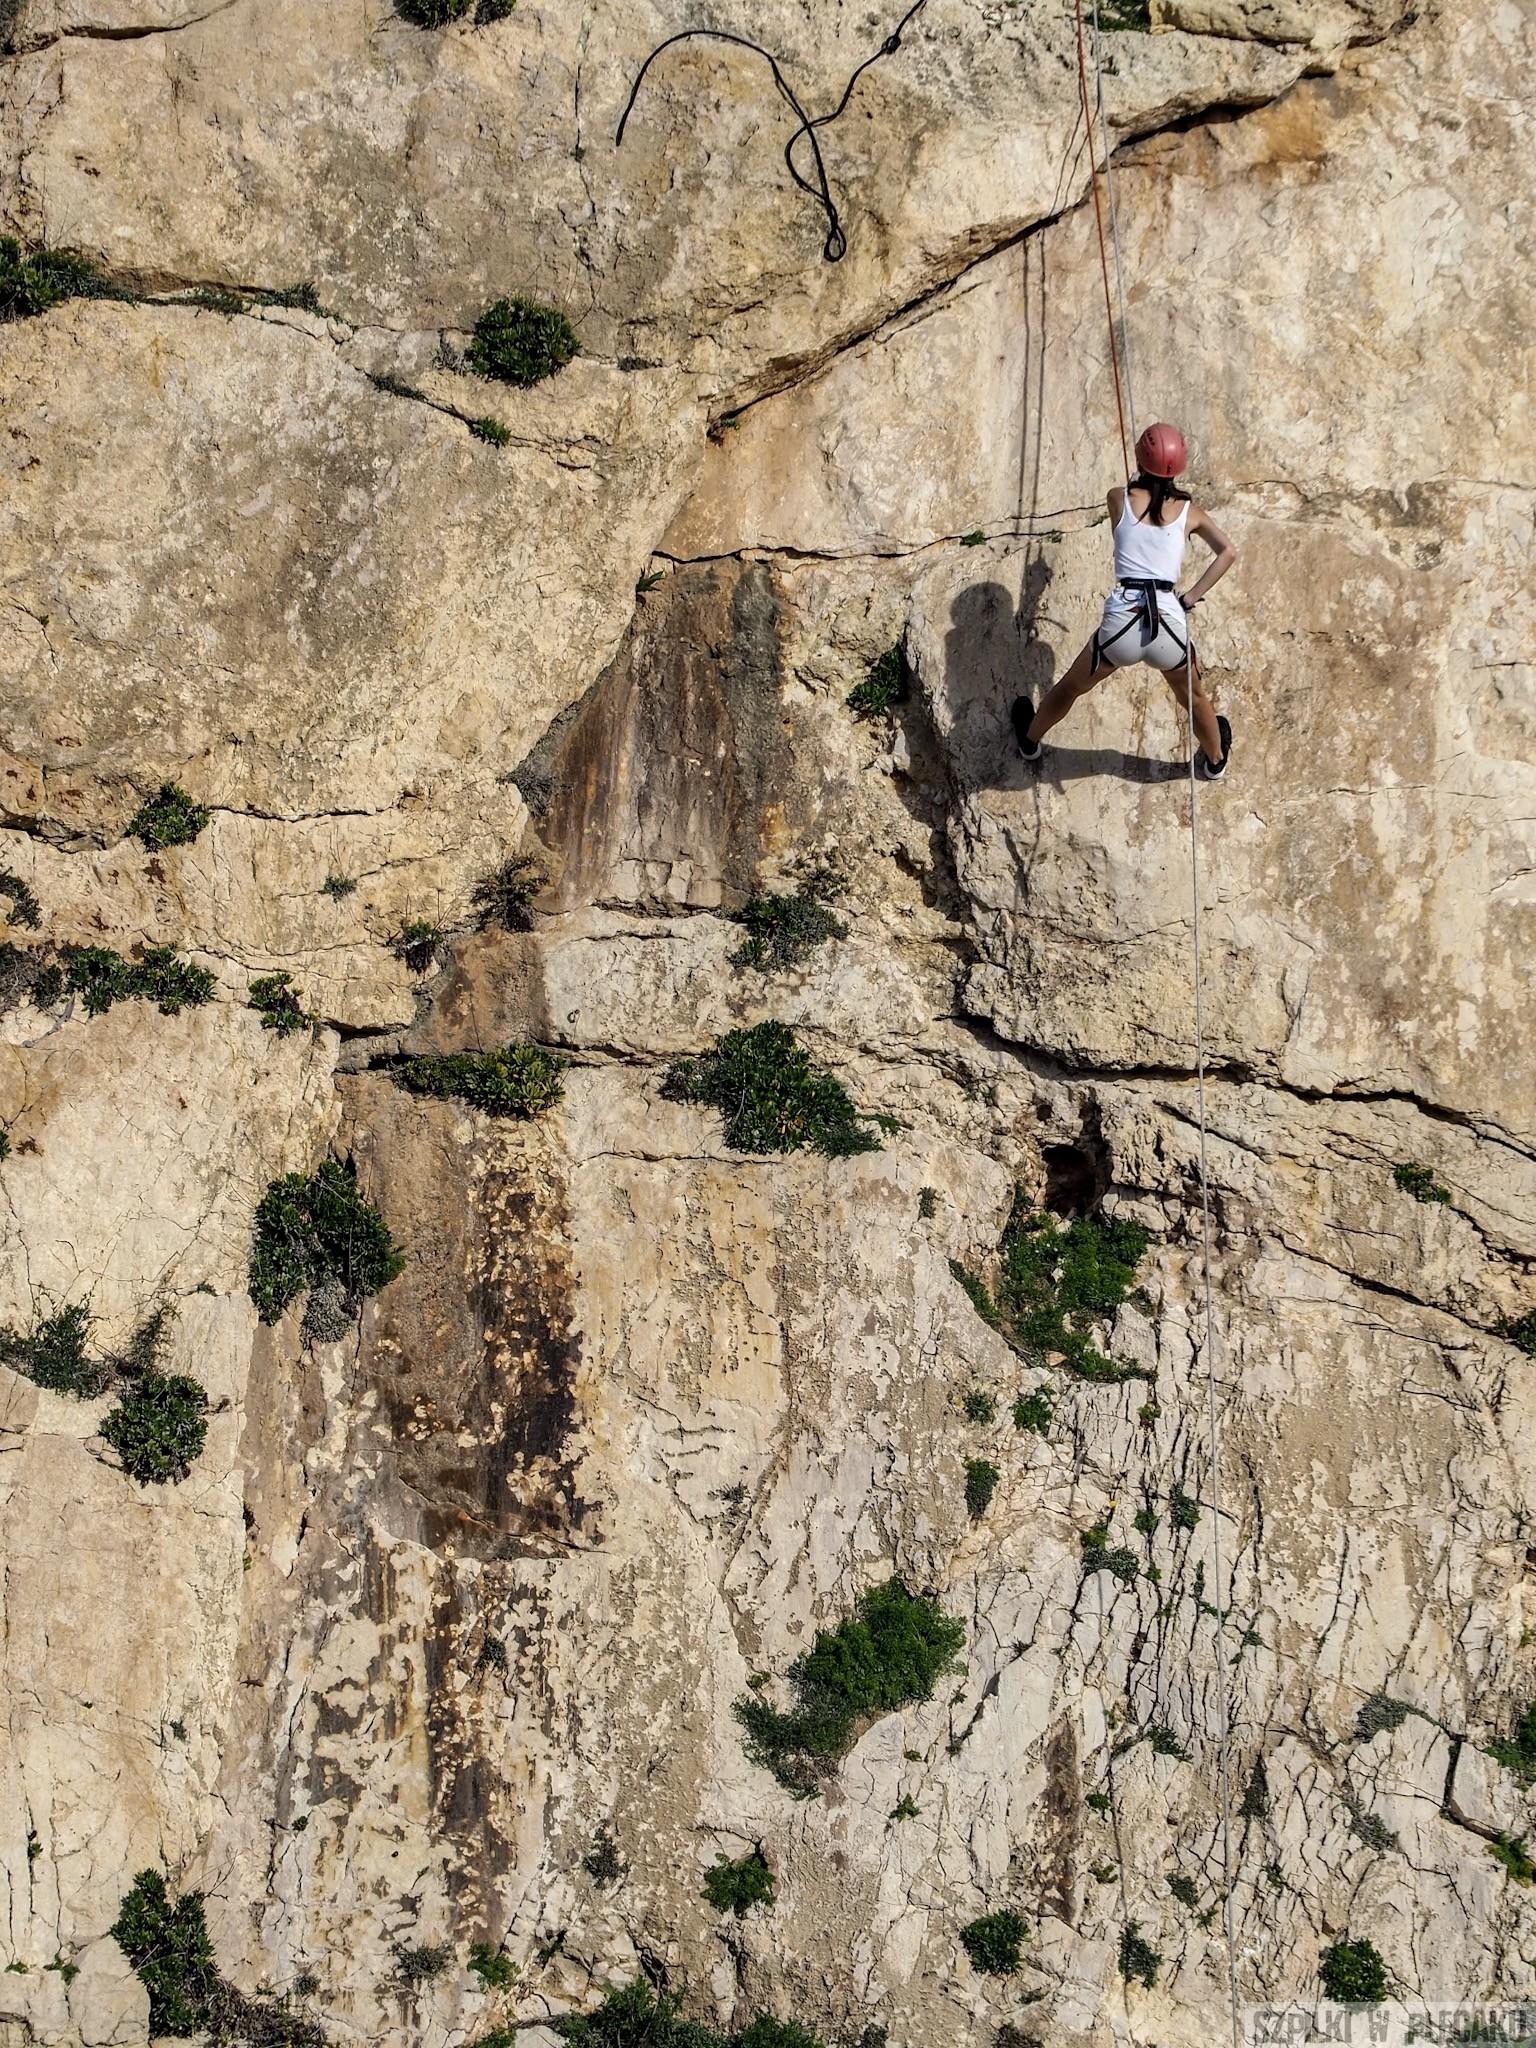 Xaqqa cliffs ściana wall